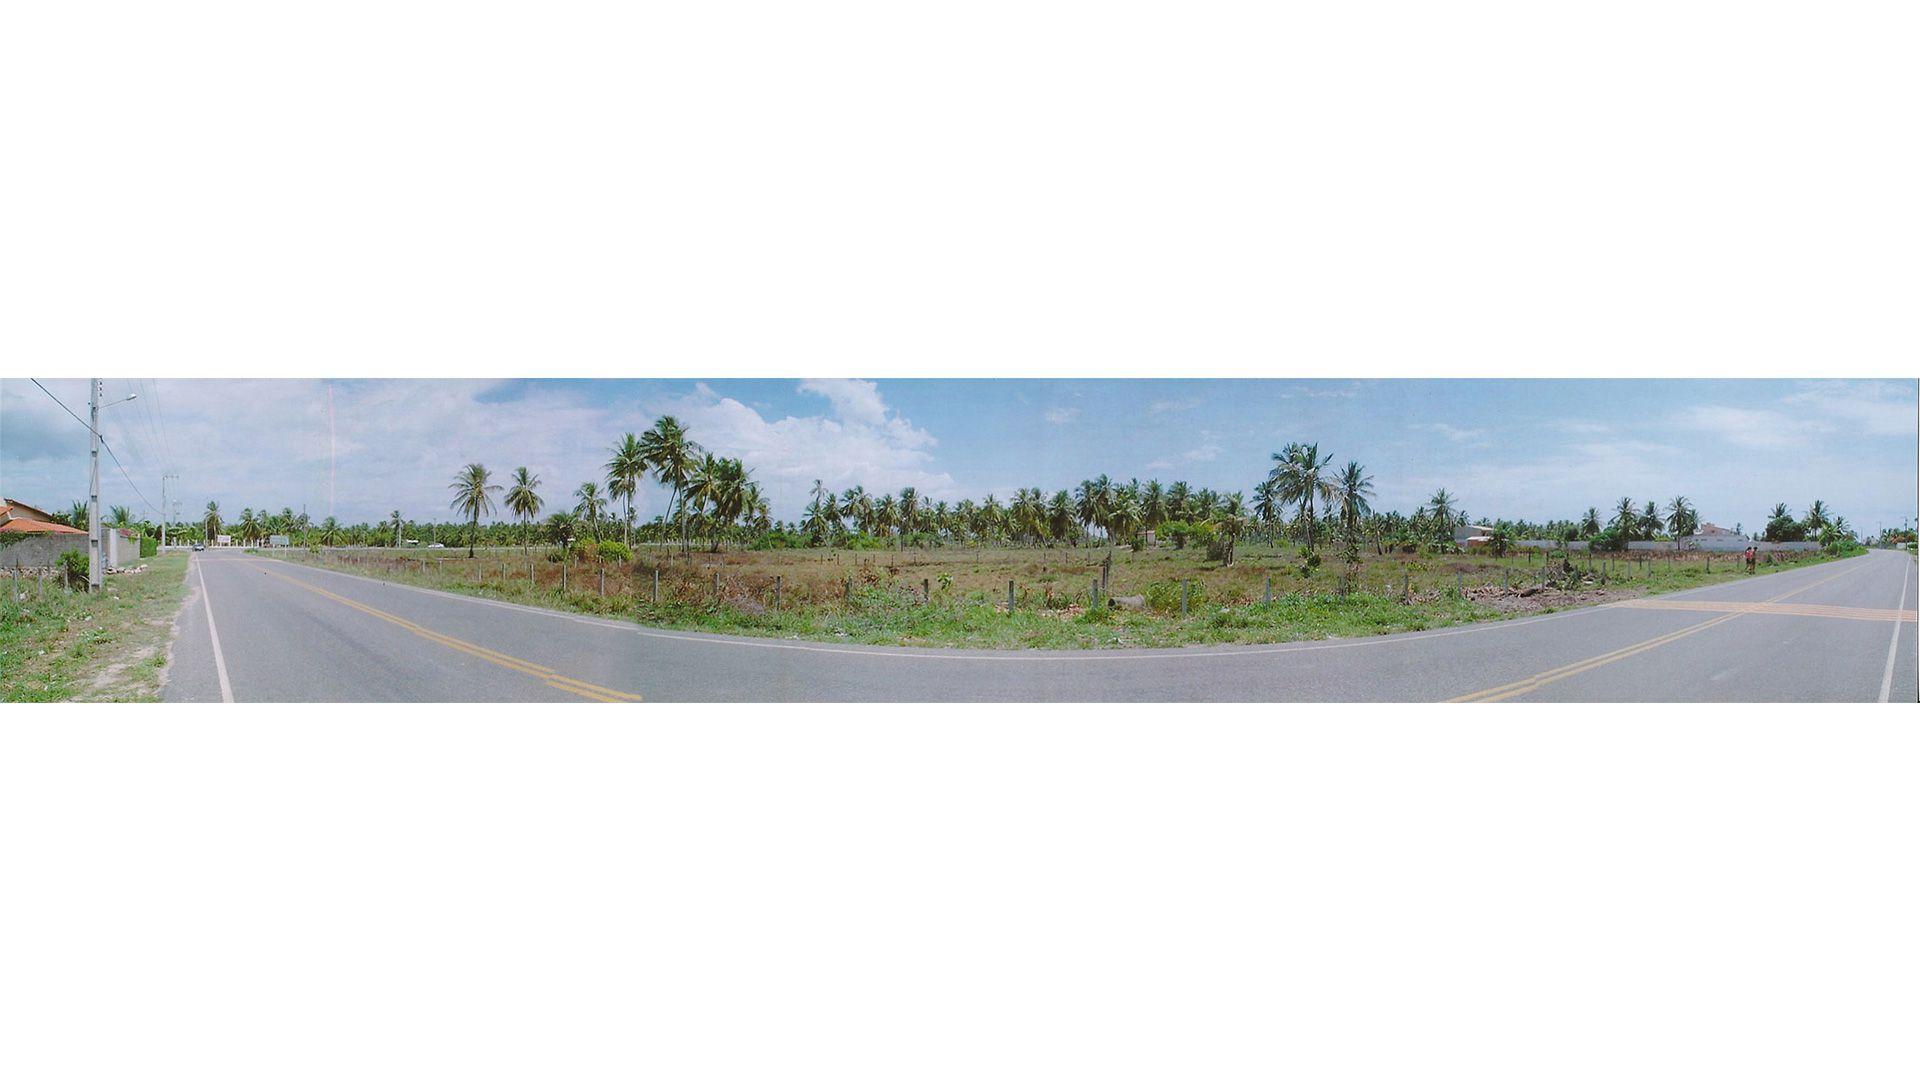 residencia-aracaju-foto-entorno